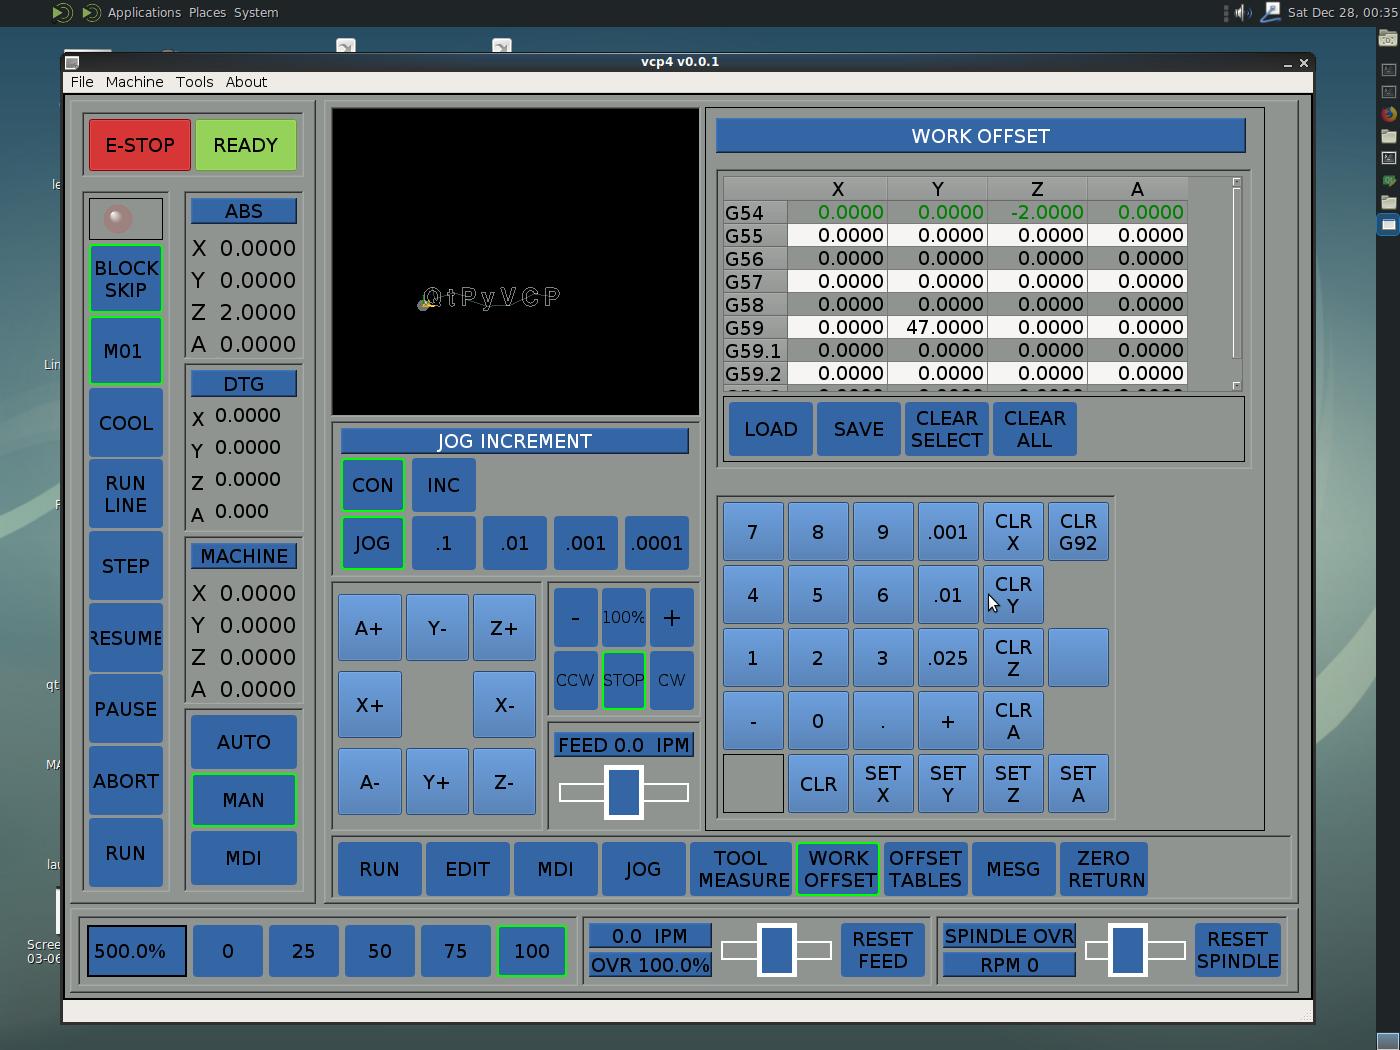 Screenshotat2019-12-2800-35-53.png